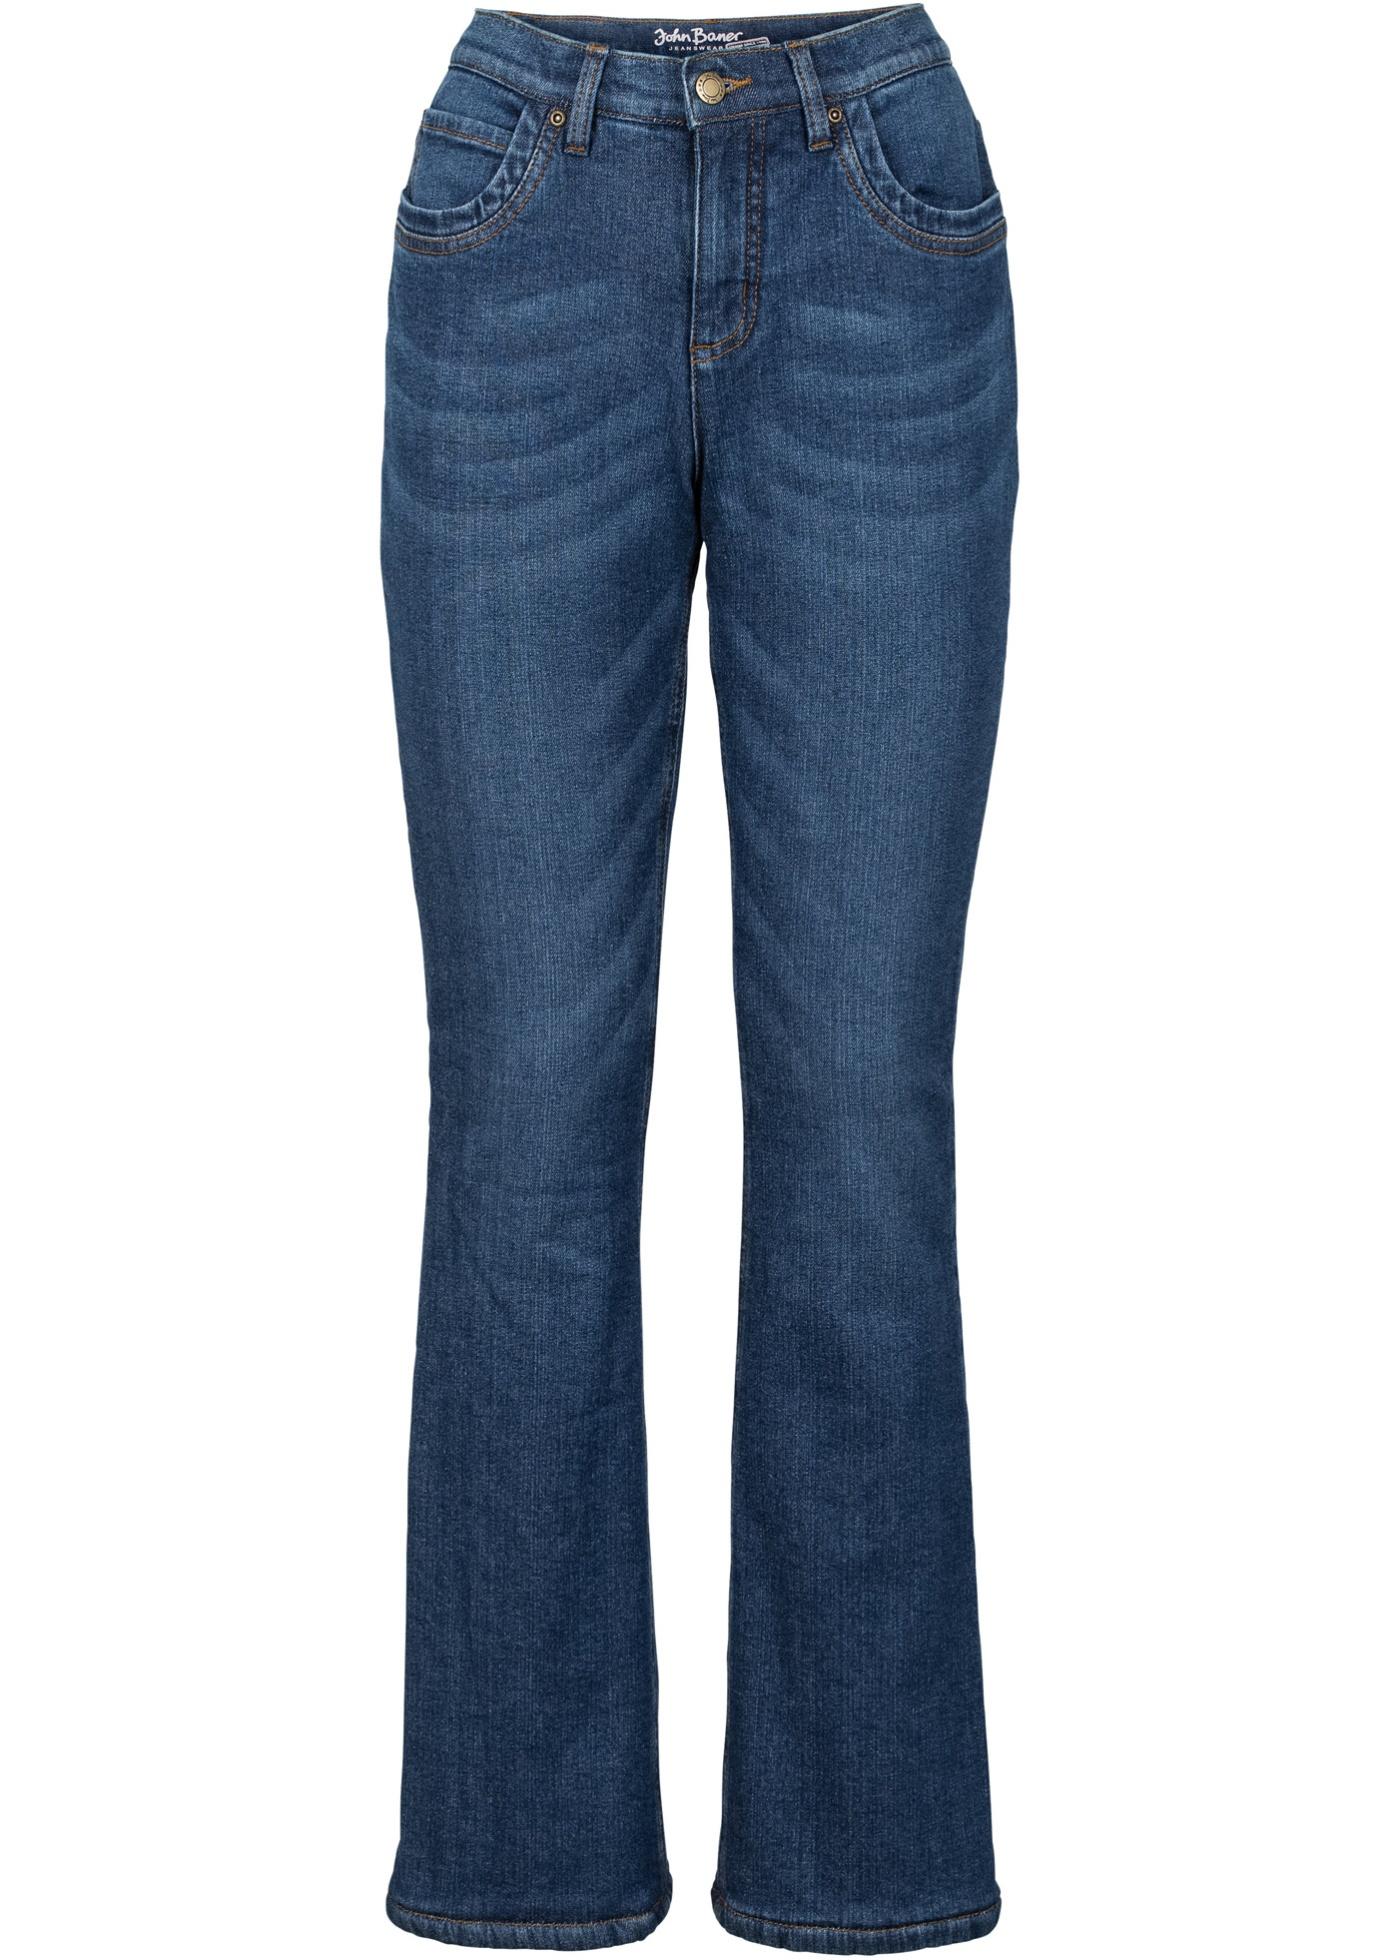 John Extensible Jeanswear Bootcut Thermo Bleu Pour Baner BonprixJean Femme 5ARjLq43